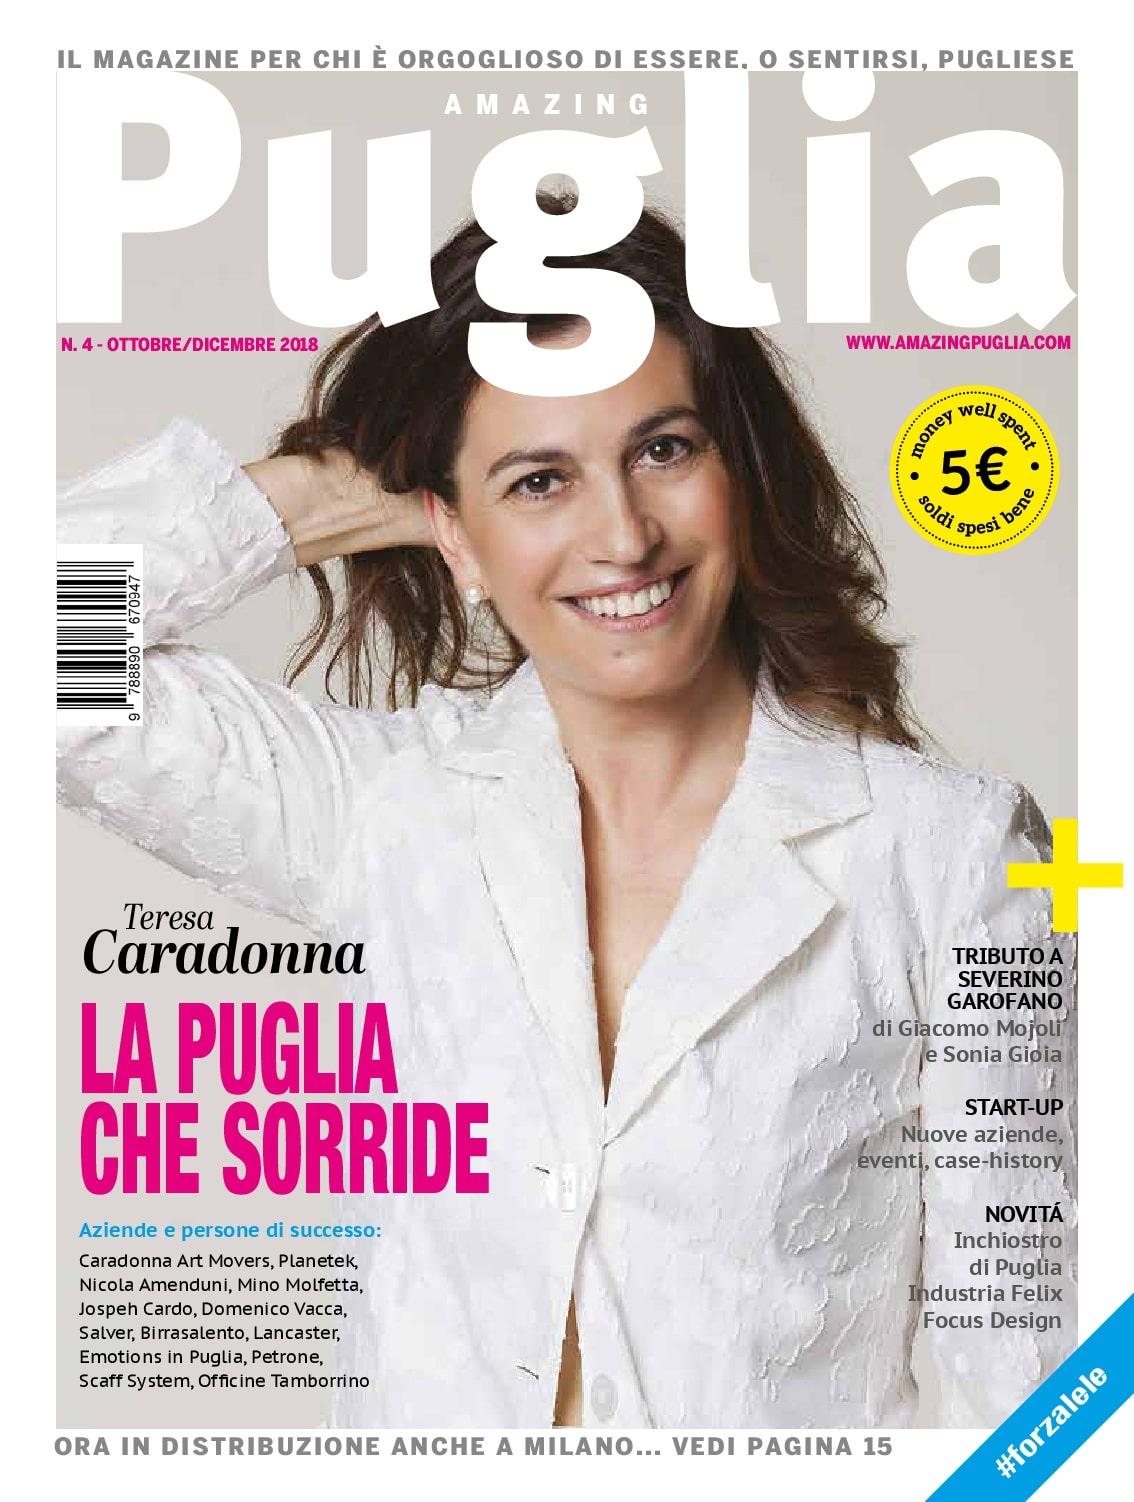 Amazing Puglia